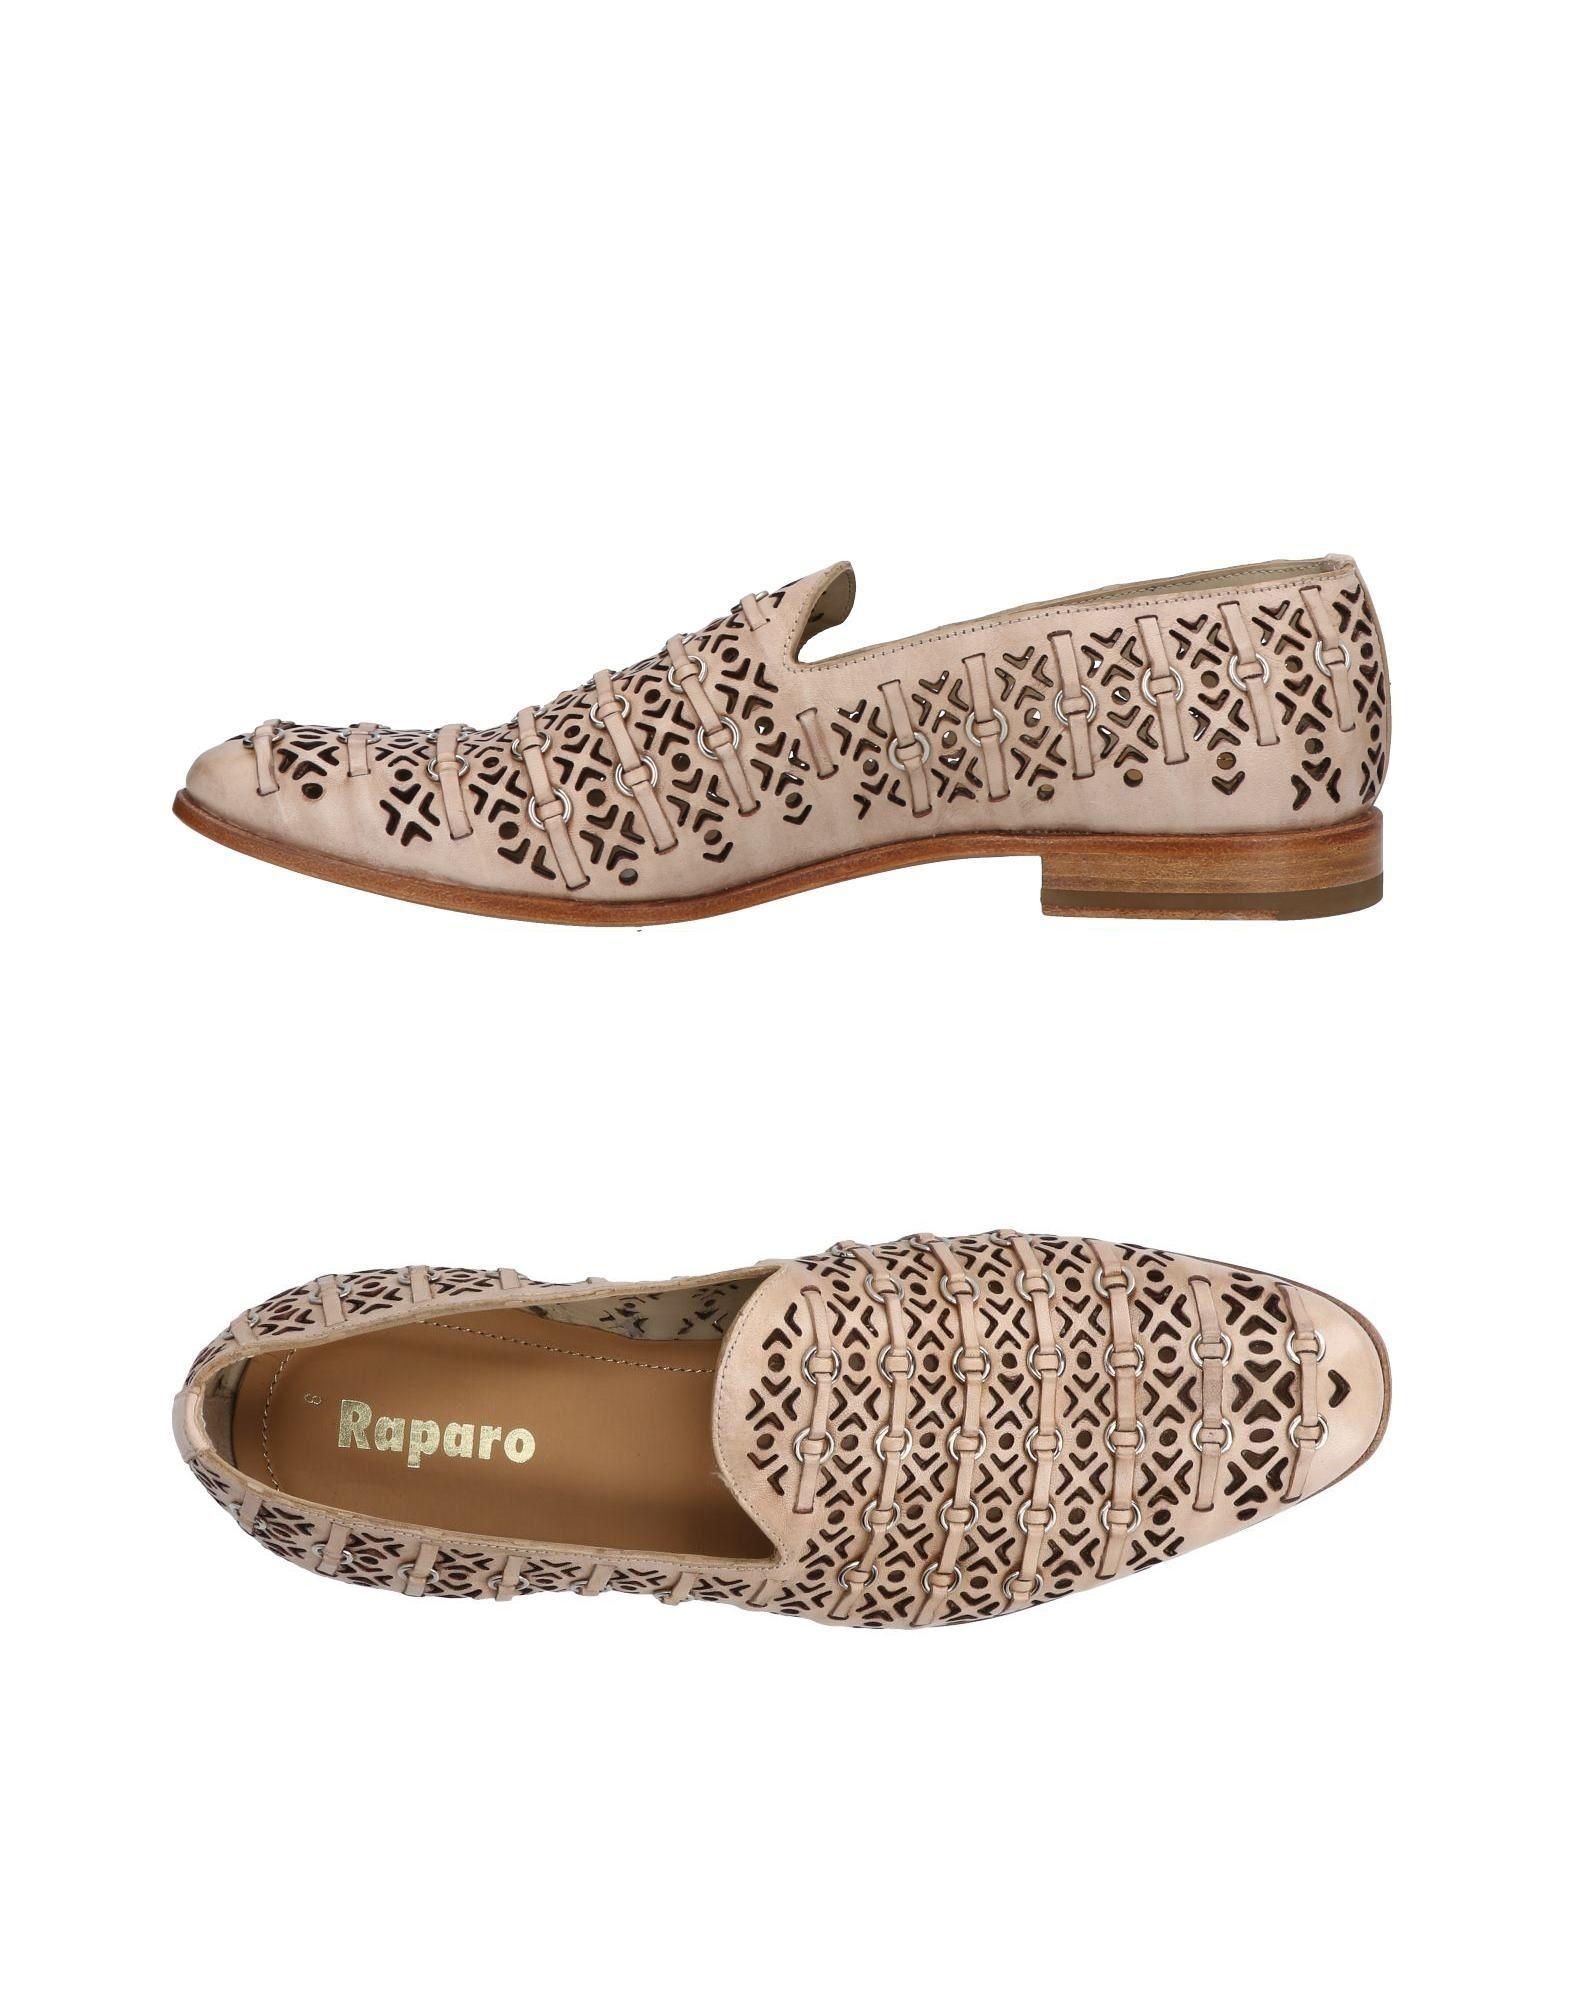 Raparo Mokassins Herren  11459423MI Gute Qualität beliebte Schuhe